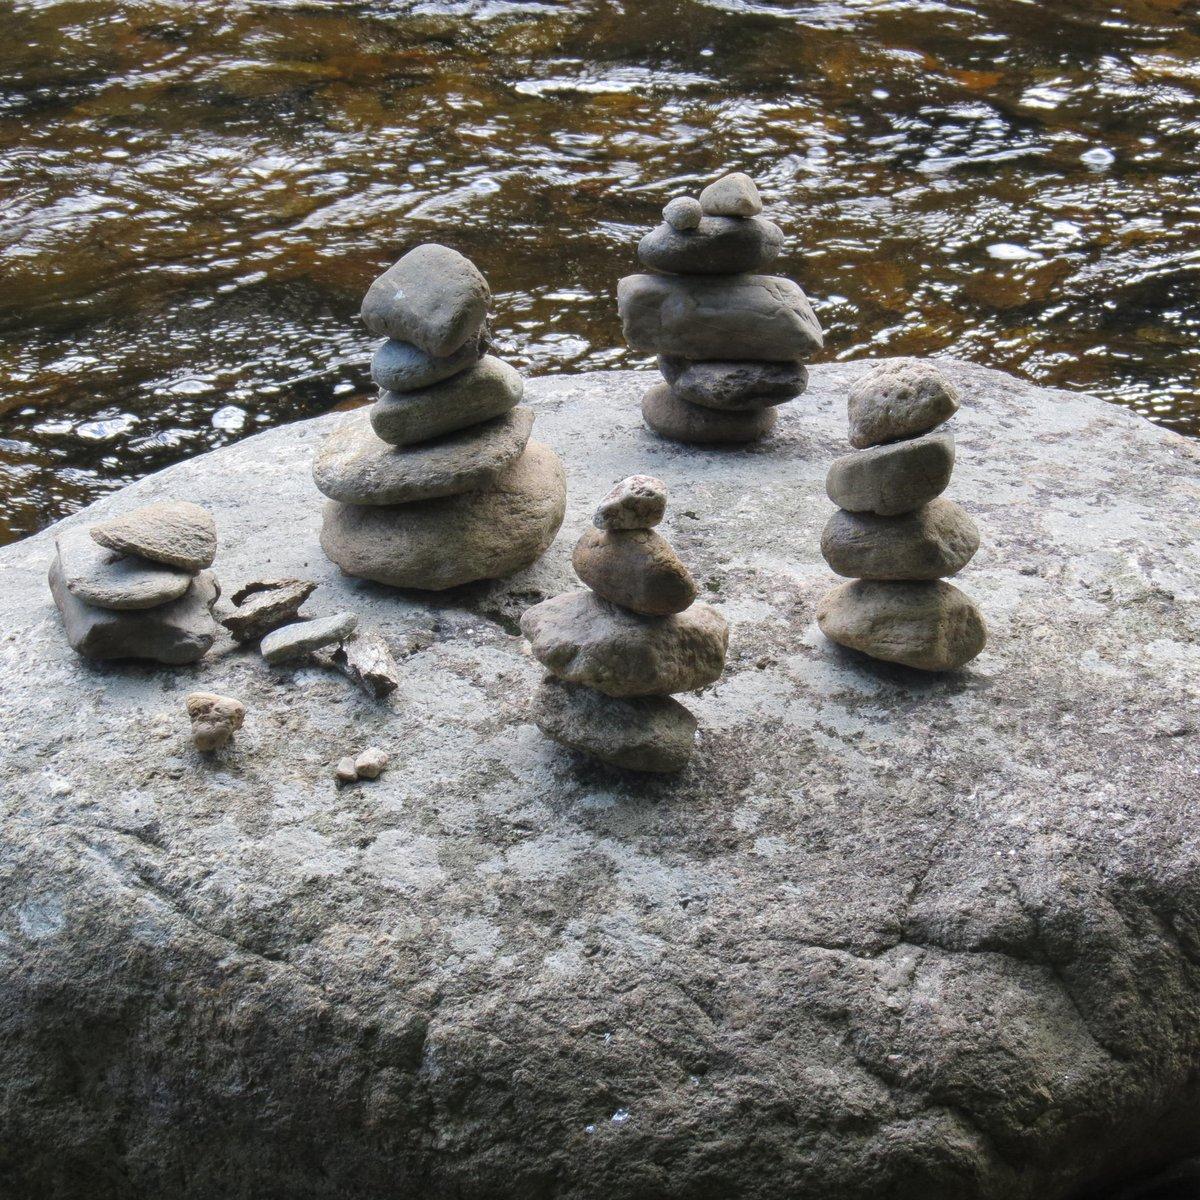 13. River Rocks